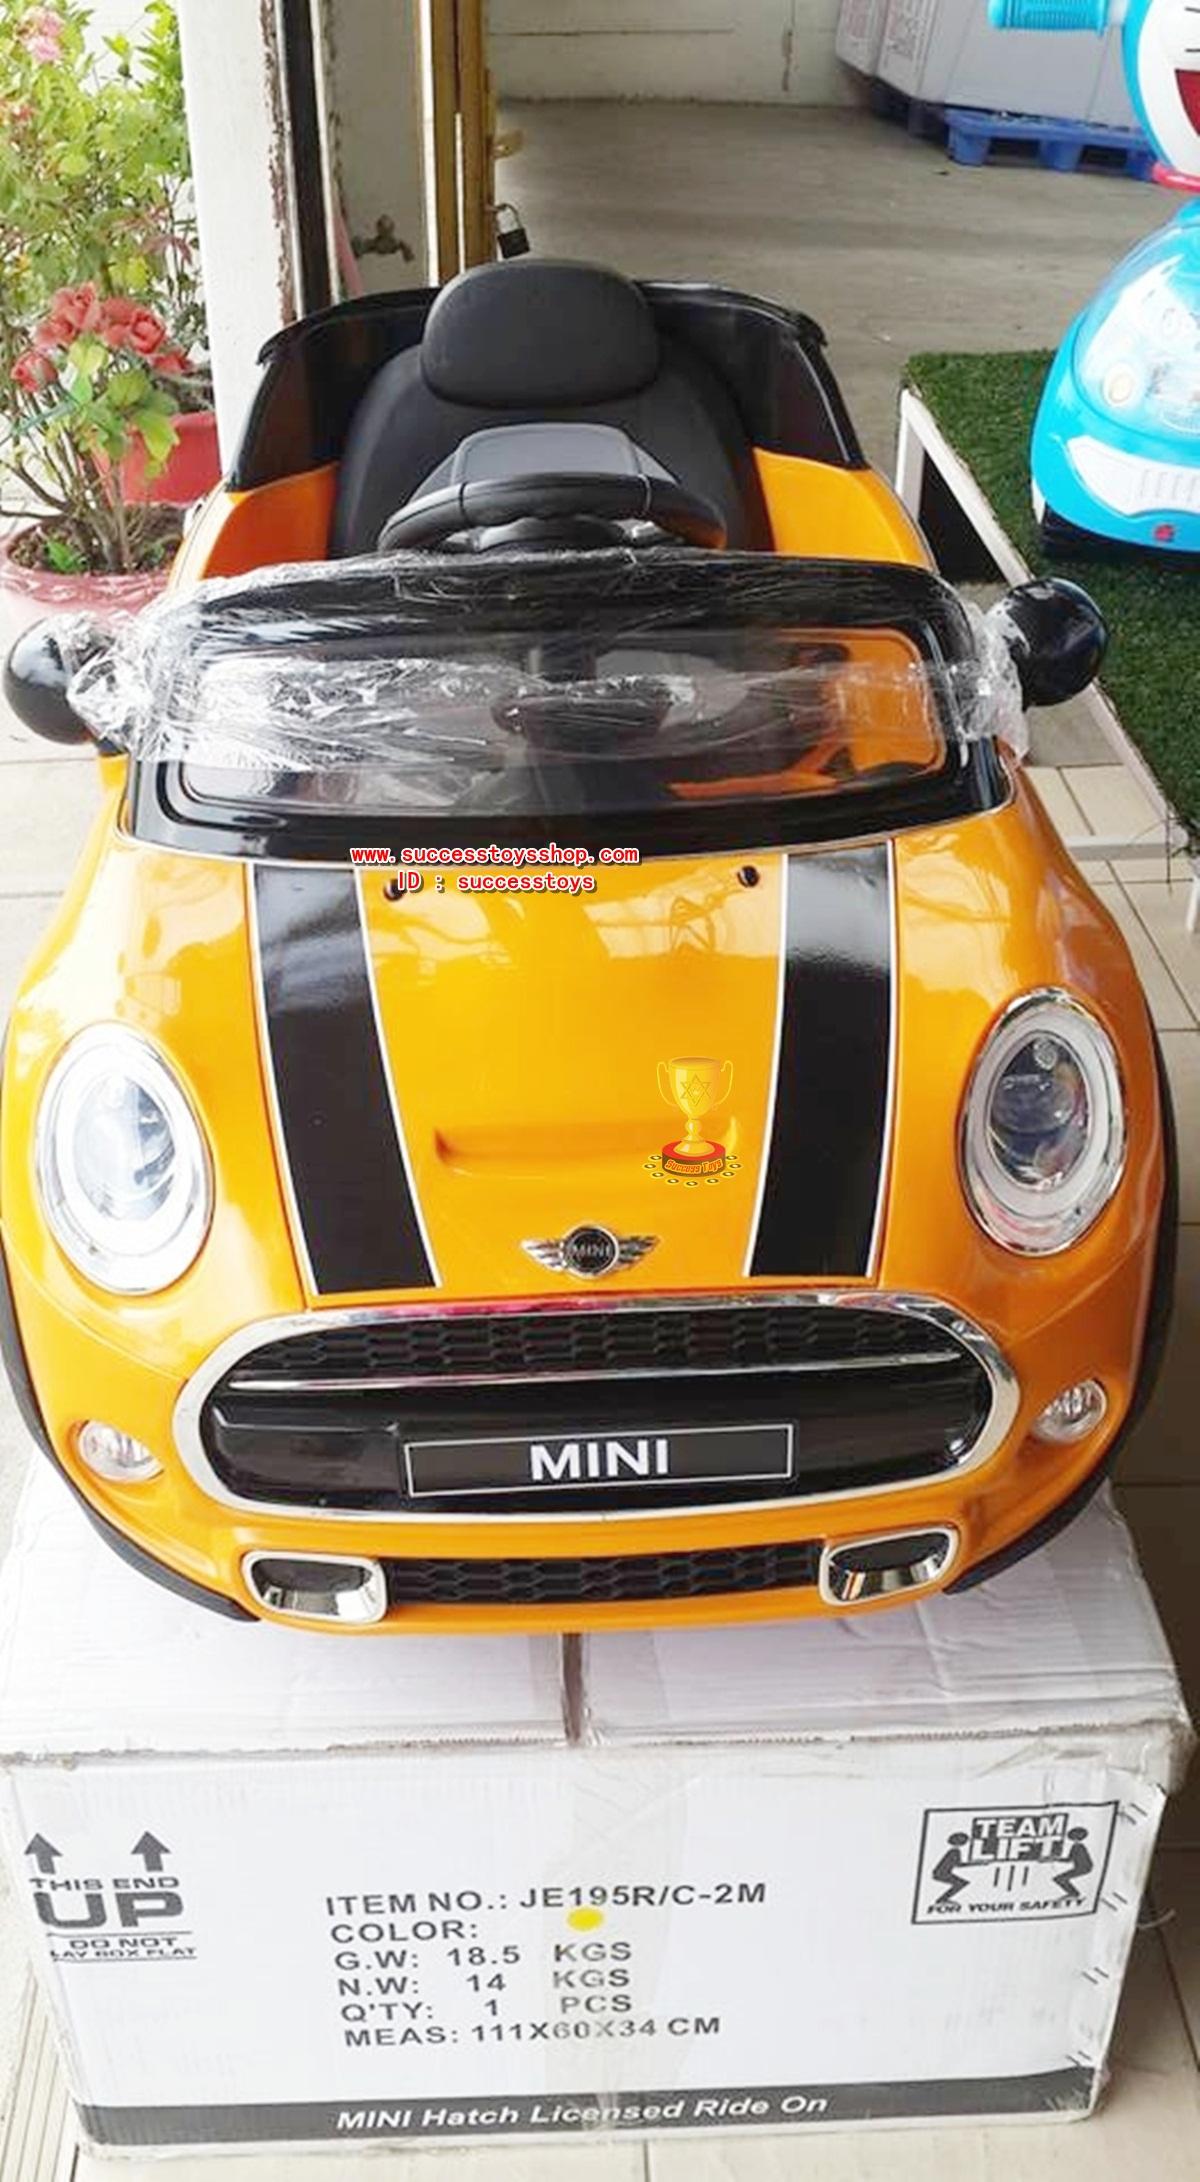 รถแบตเตอรี่เด็กนั่งไฟฟ้า รุ่น JE195 ยี่ห้อ MINI COOPER (งานแท้) สีเหลือง